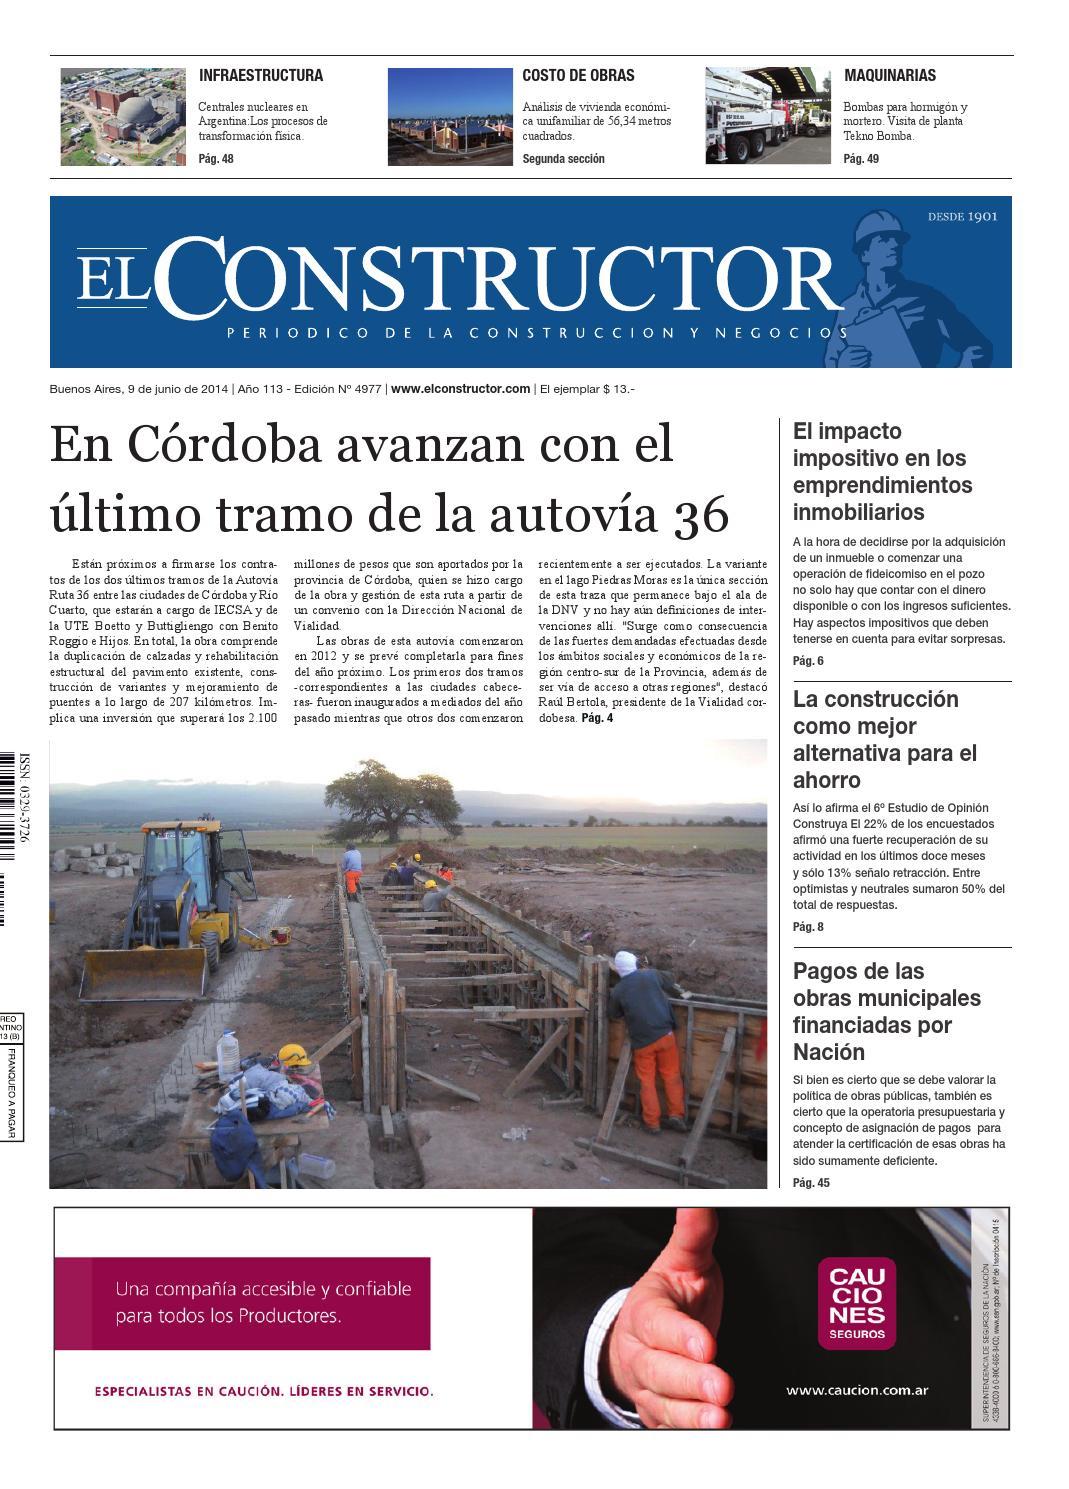 El Constructor 09/06/2014 - N° 4977 Año 113 by ELCO Editores - issuu